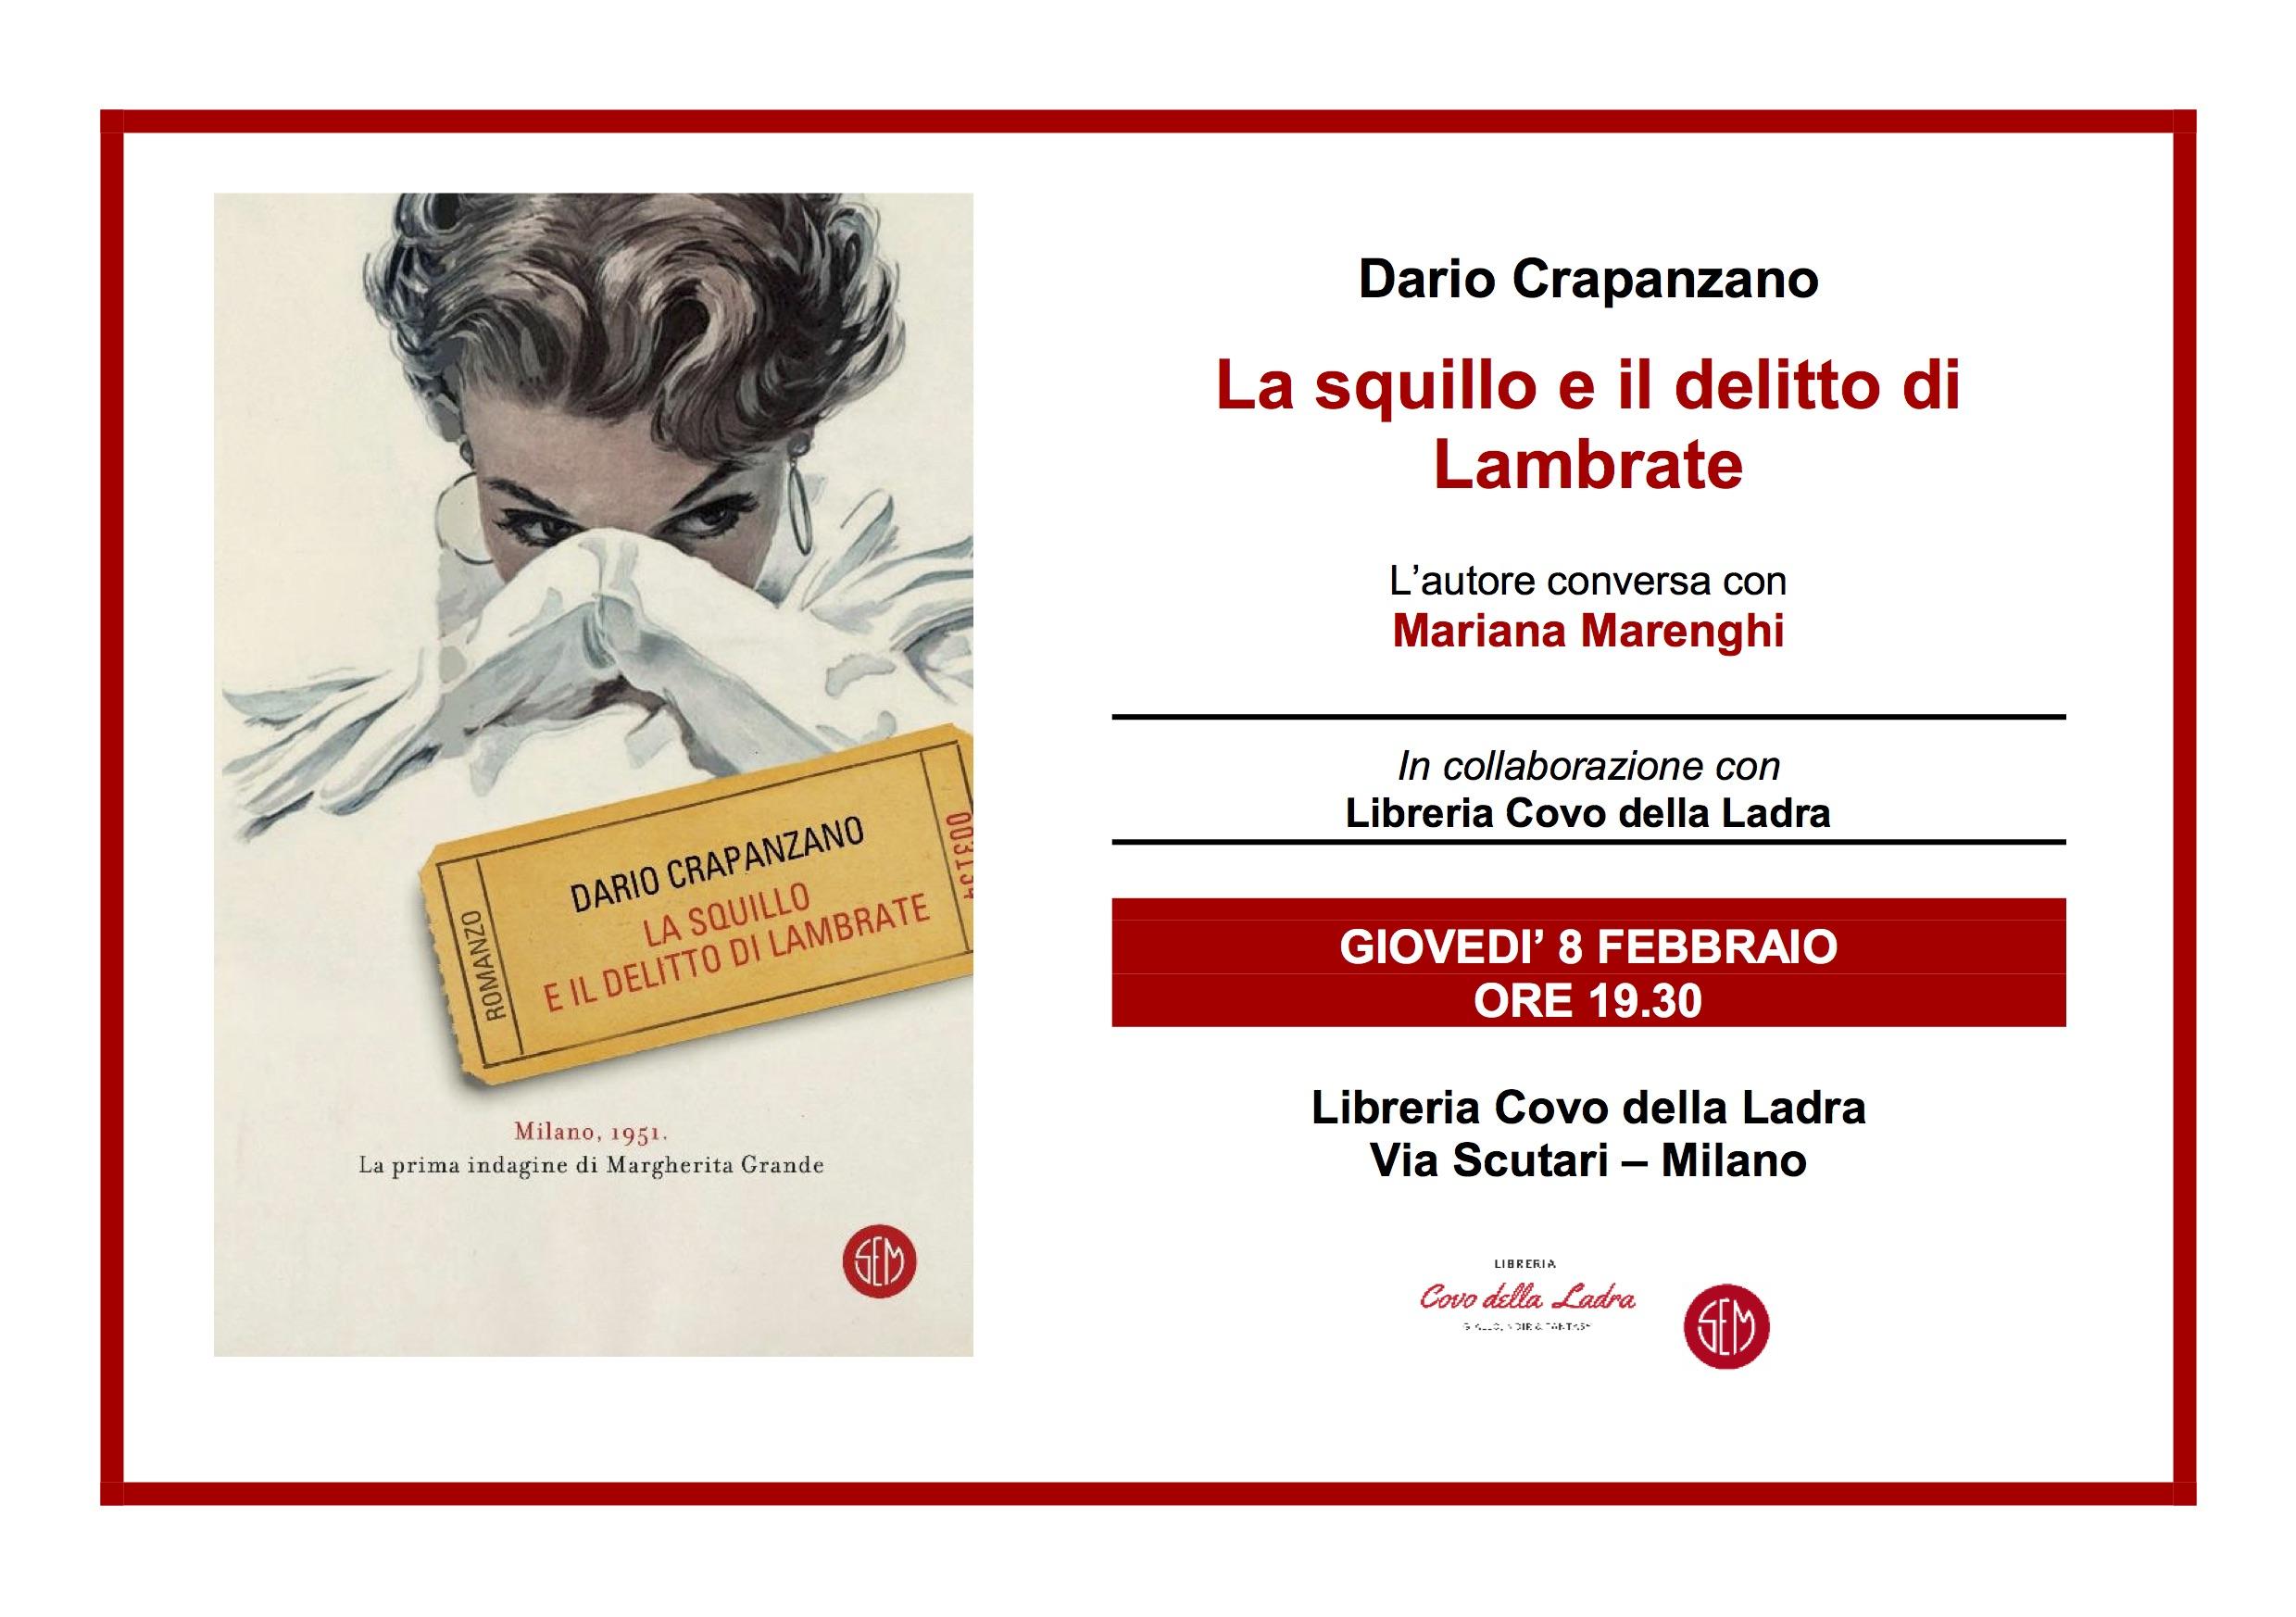 Dario Crapanzano presenta La Squillo e il delitto di Lambrate